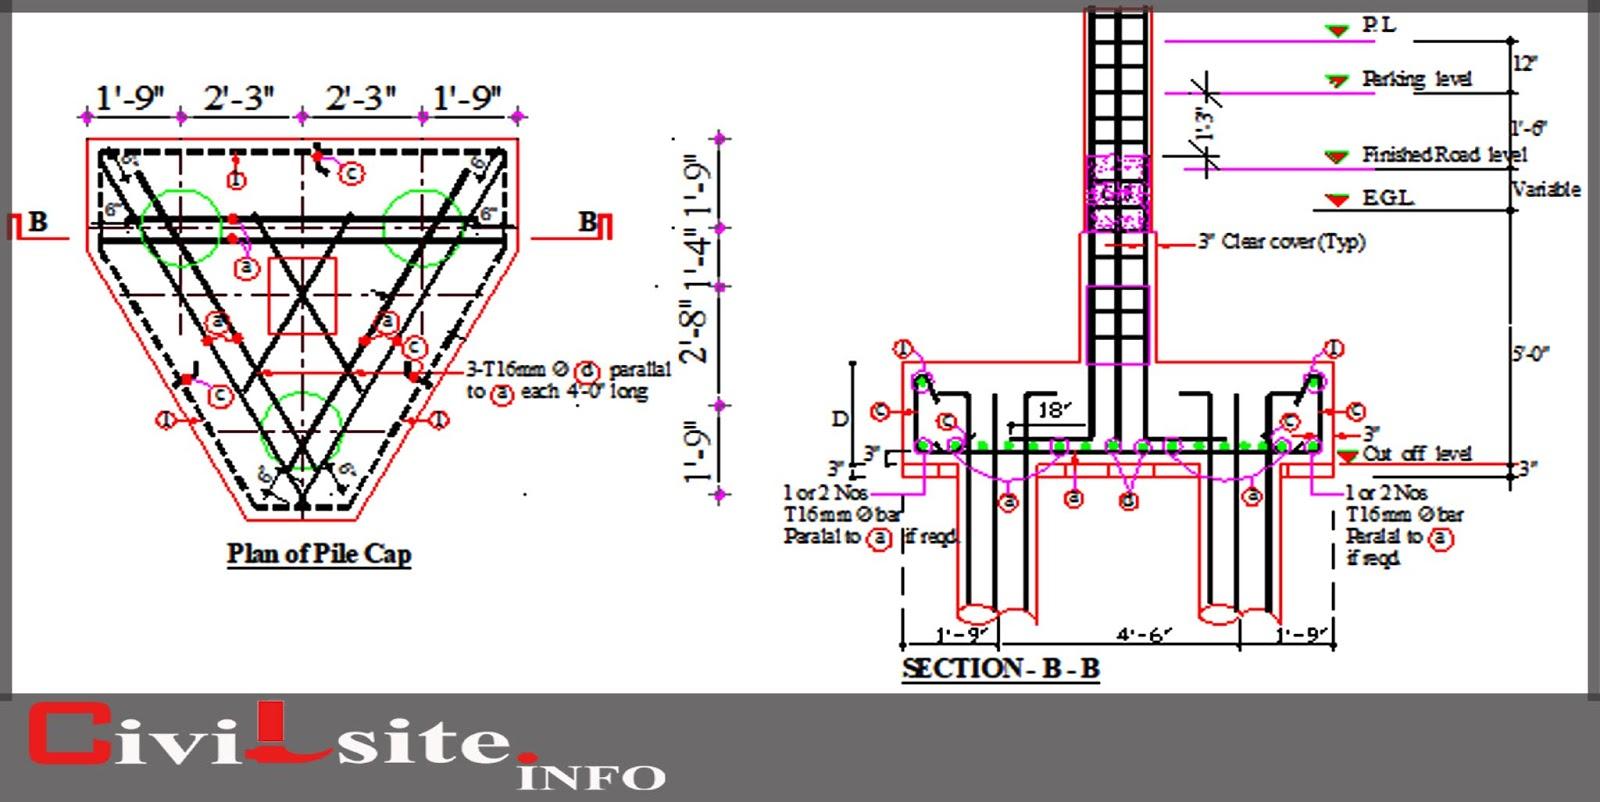 Pile Cap Designs Calculation